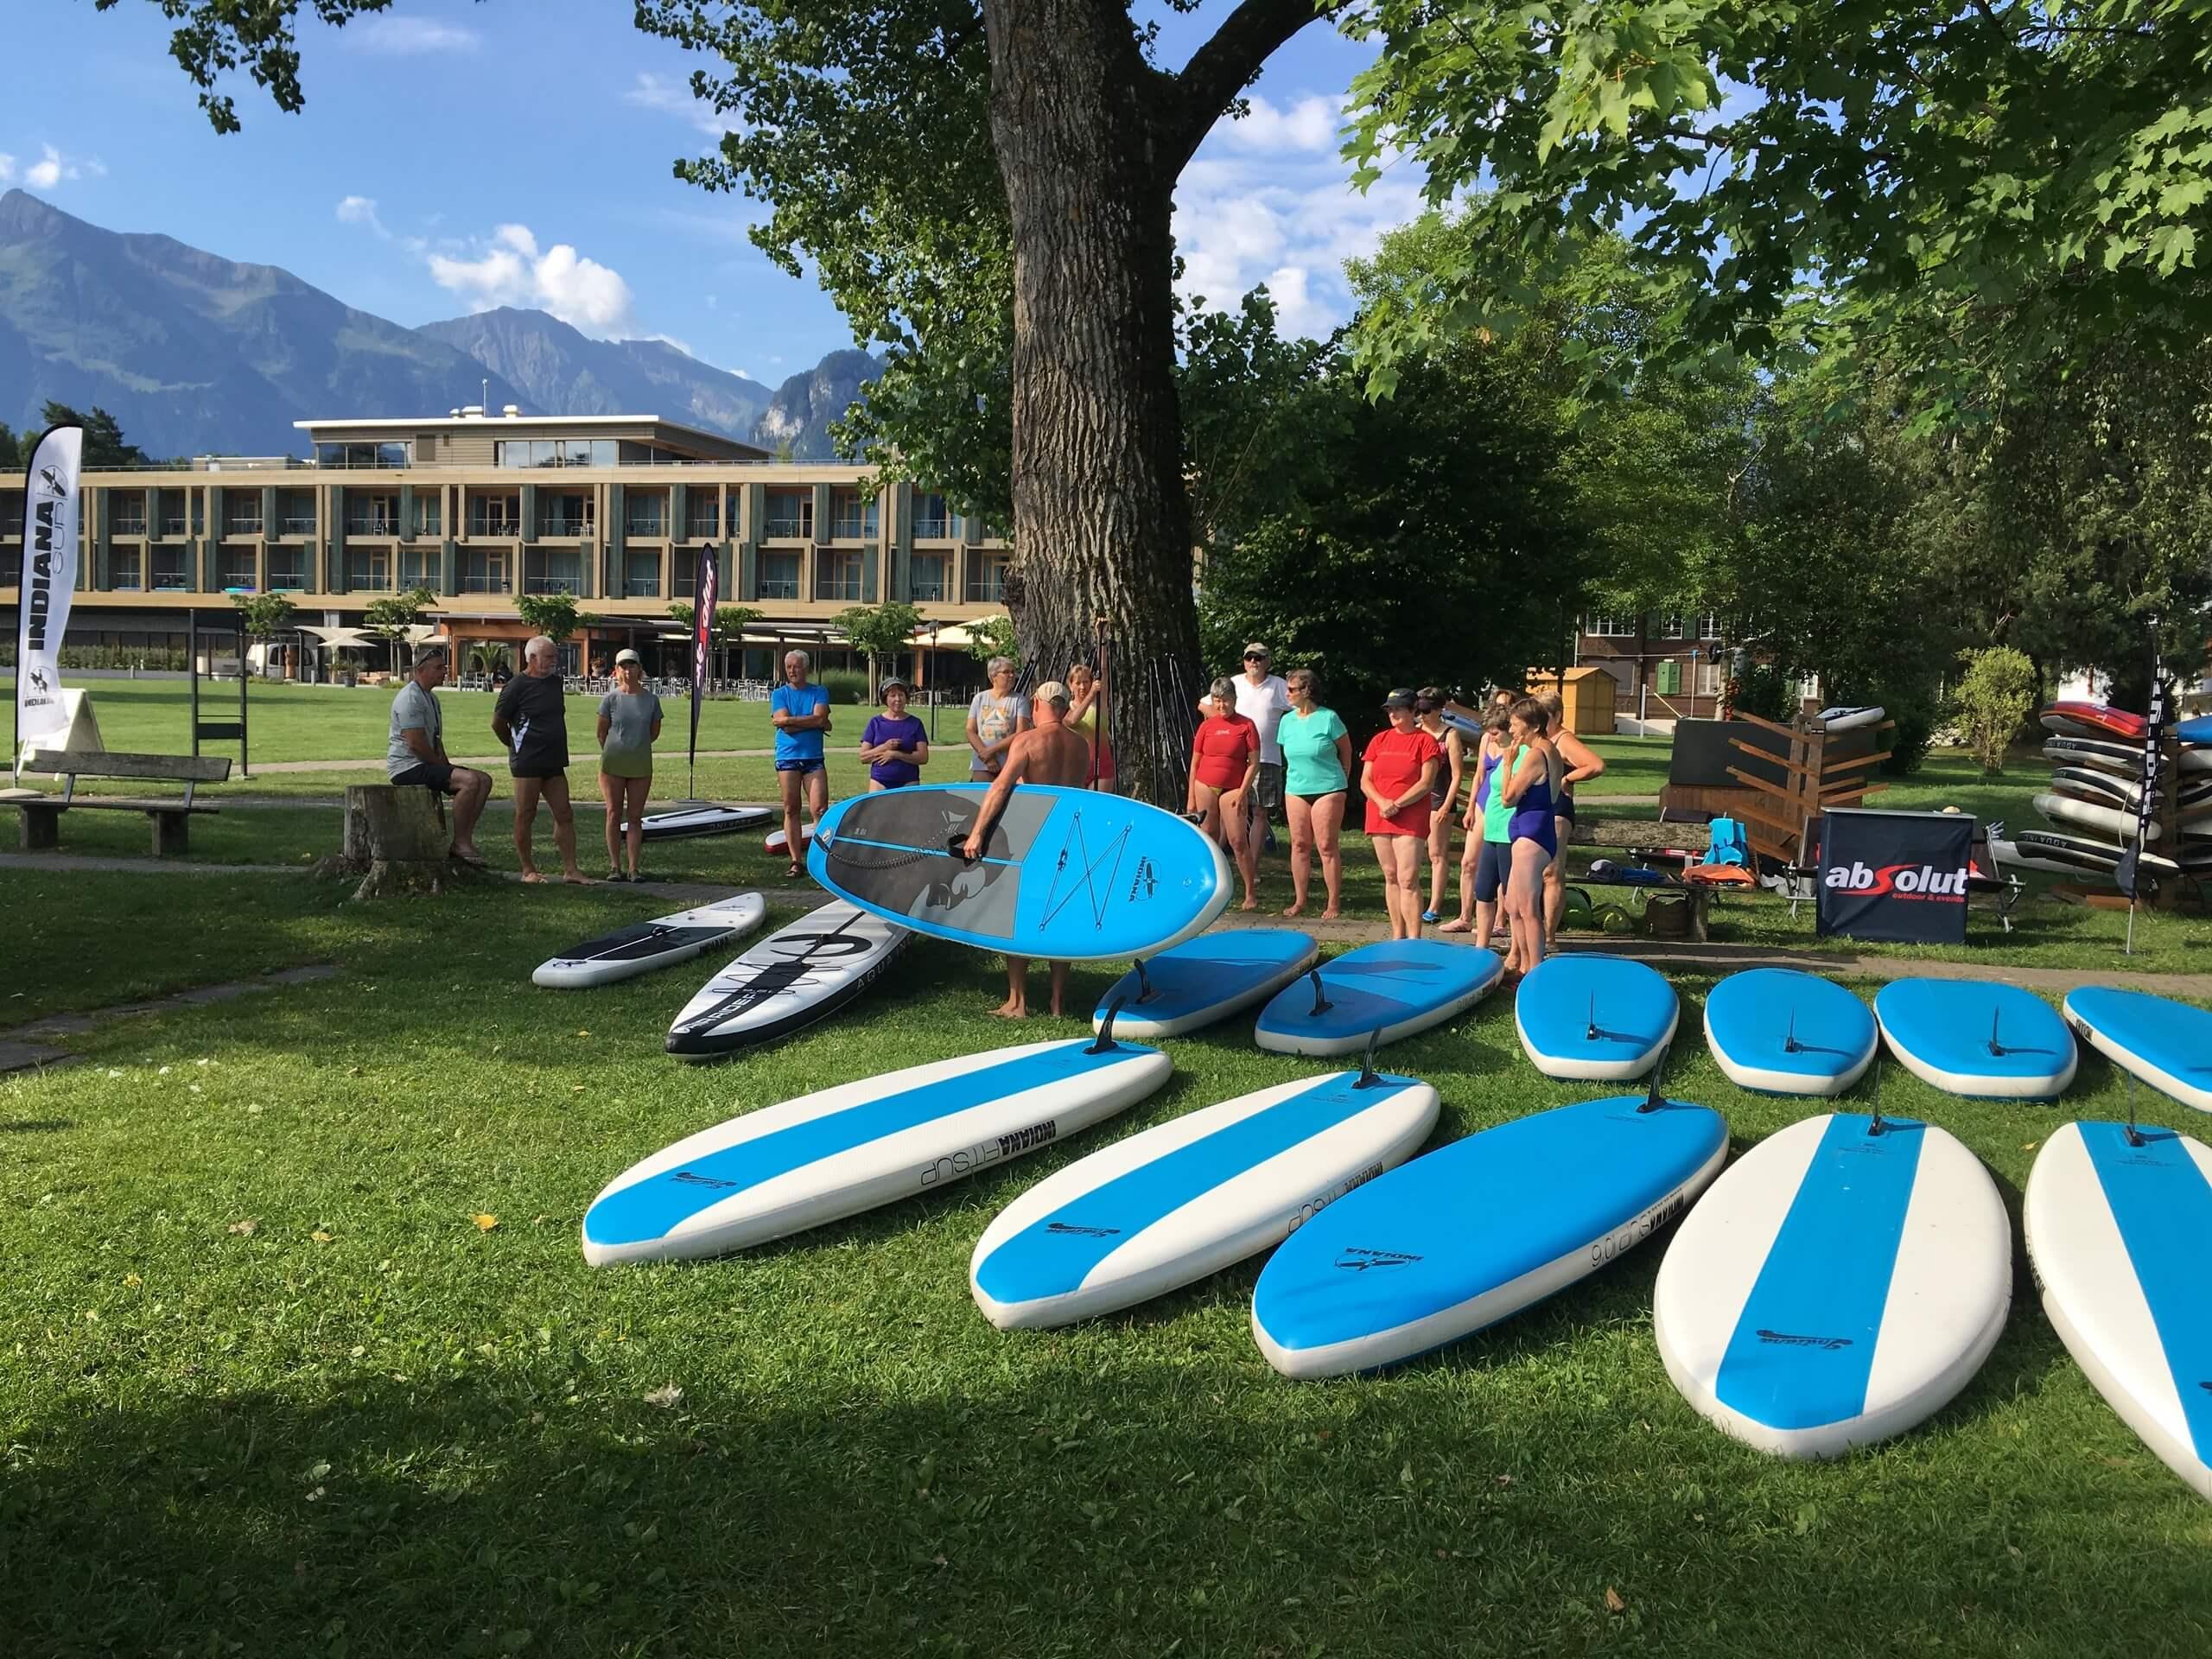 absolut-outdoor-und-events-sup-vermietung-sommer